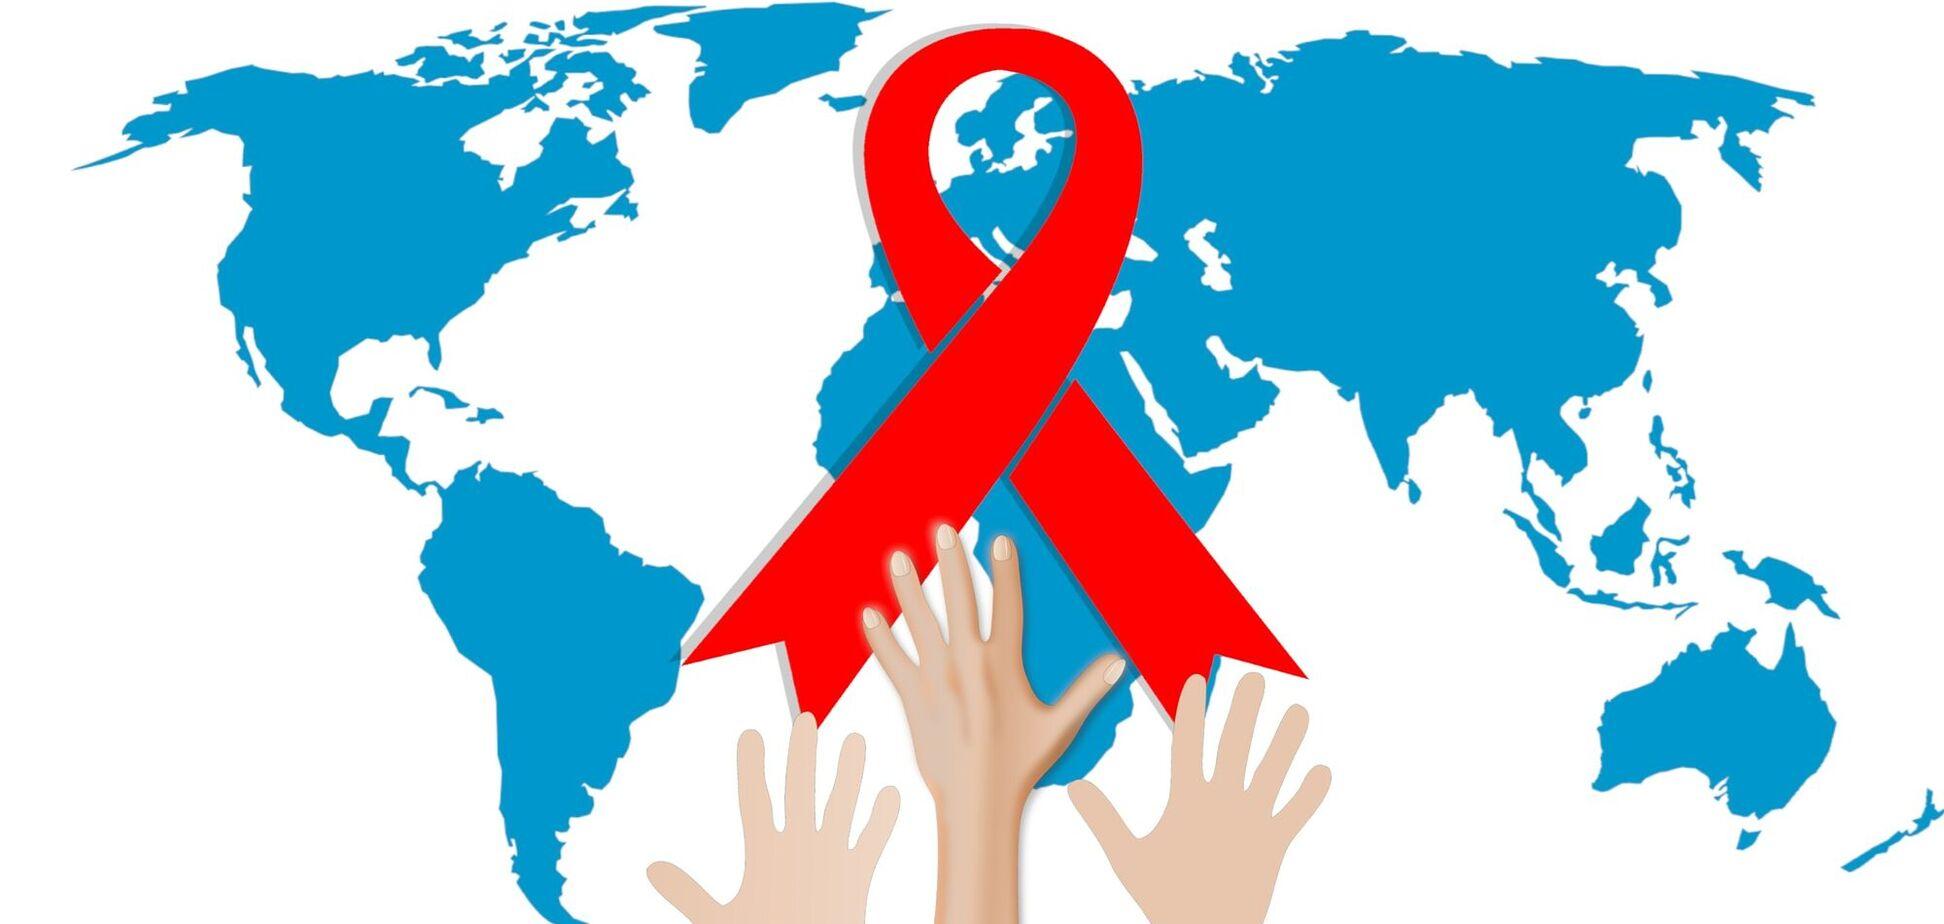 Всесвітній день боротьби зі СНІДом відзначають 1 грудня